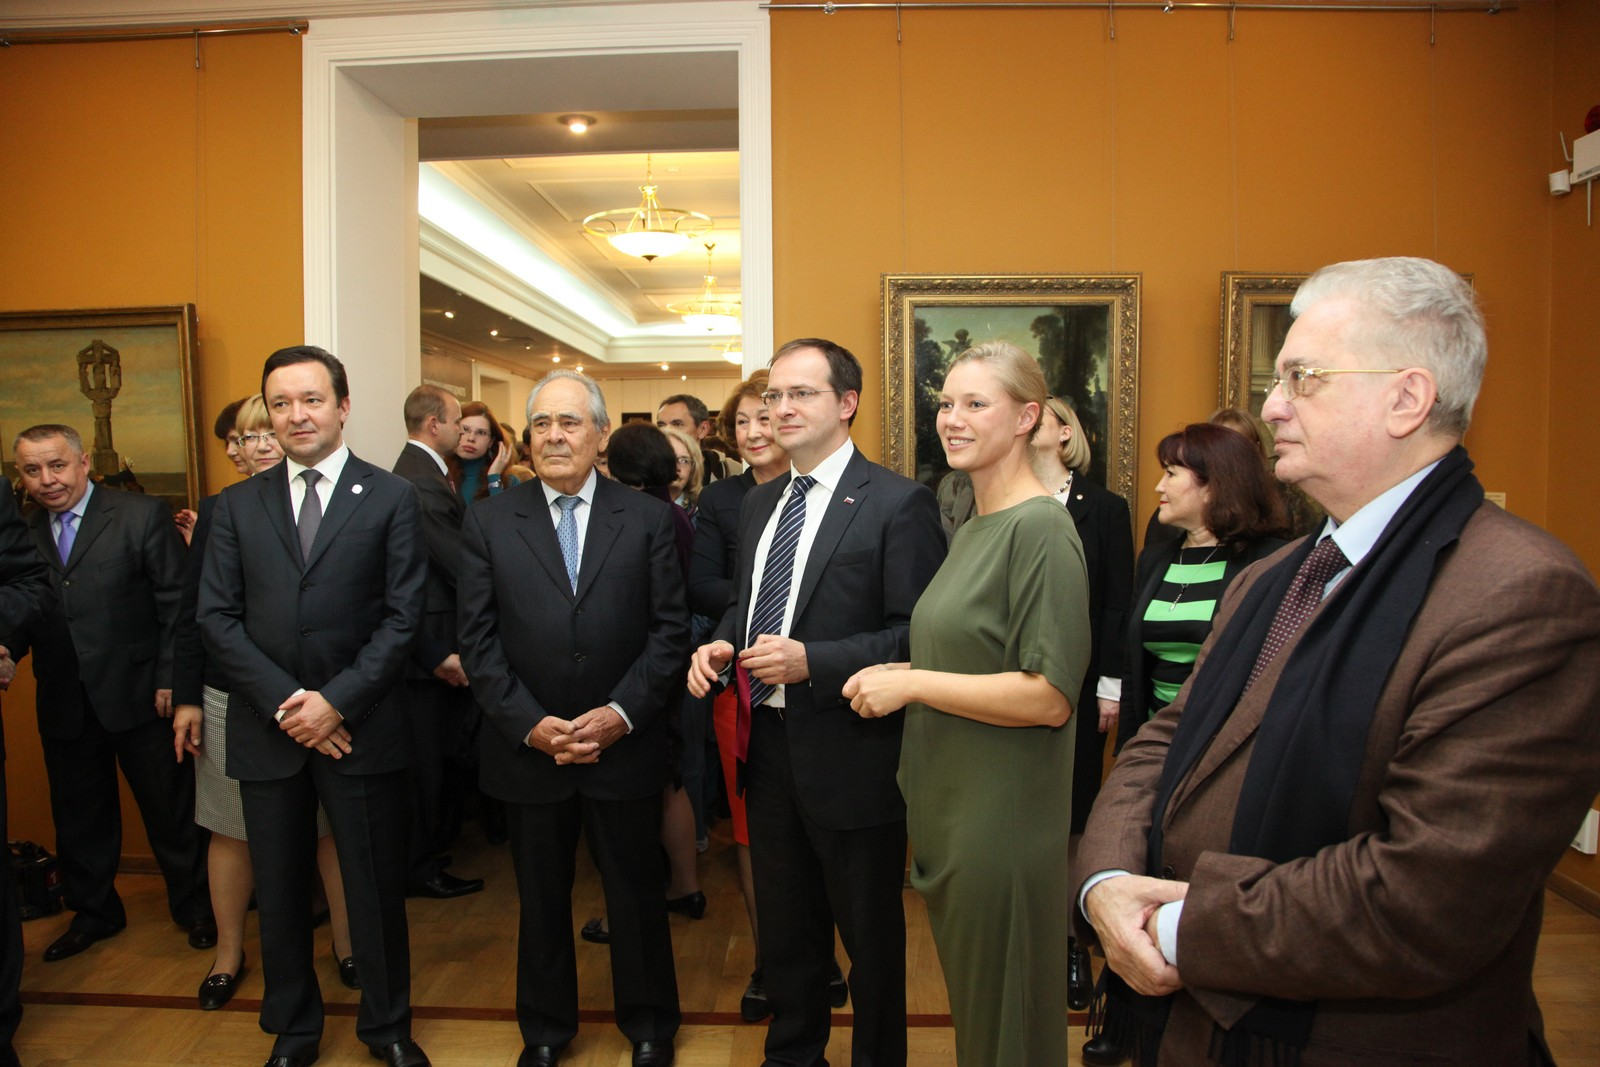 Центр «Эрмитаж-Казань», открытие выставки «Импрессионисты и их эпоха»